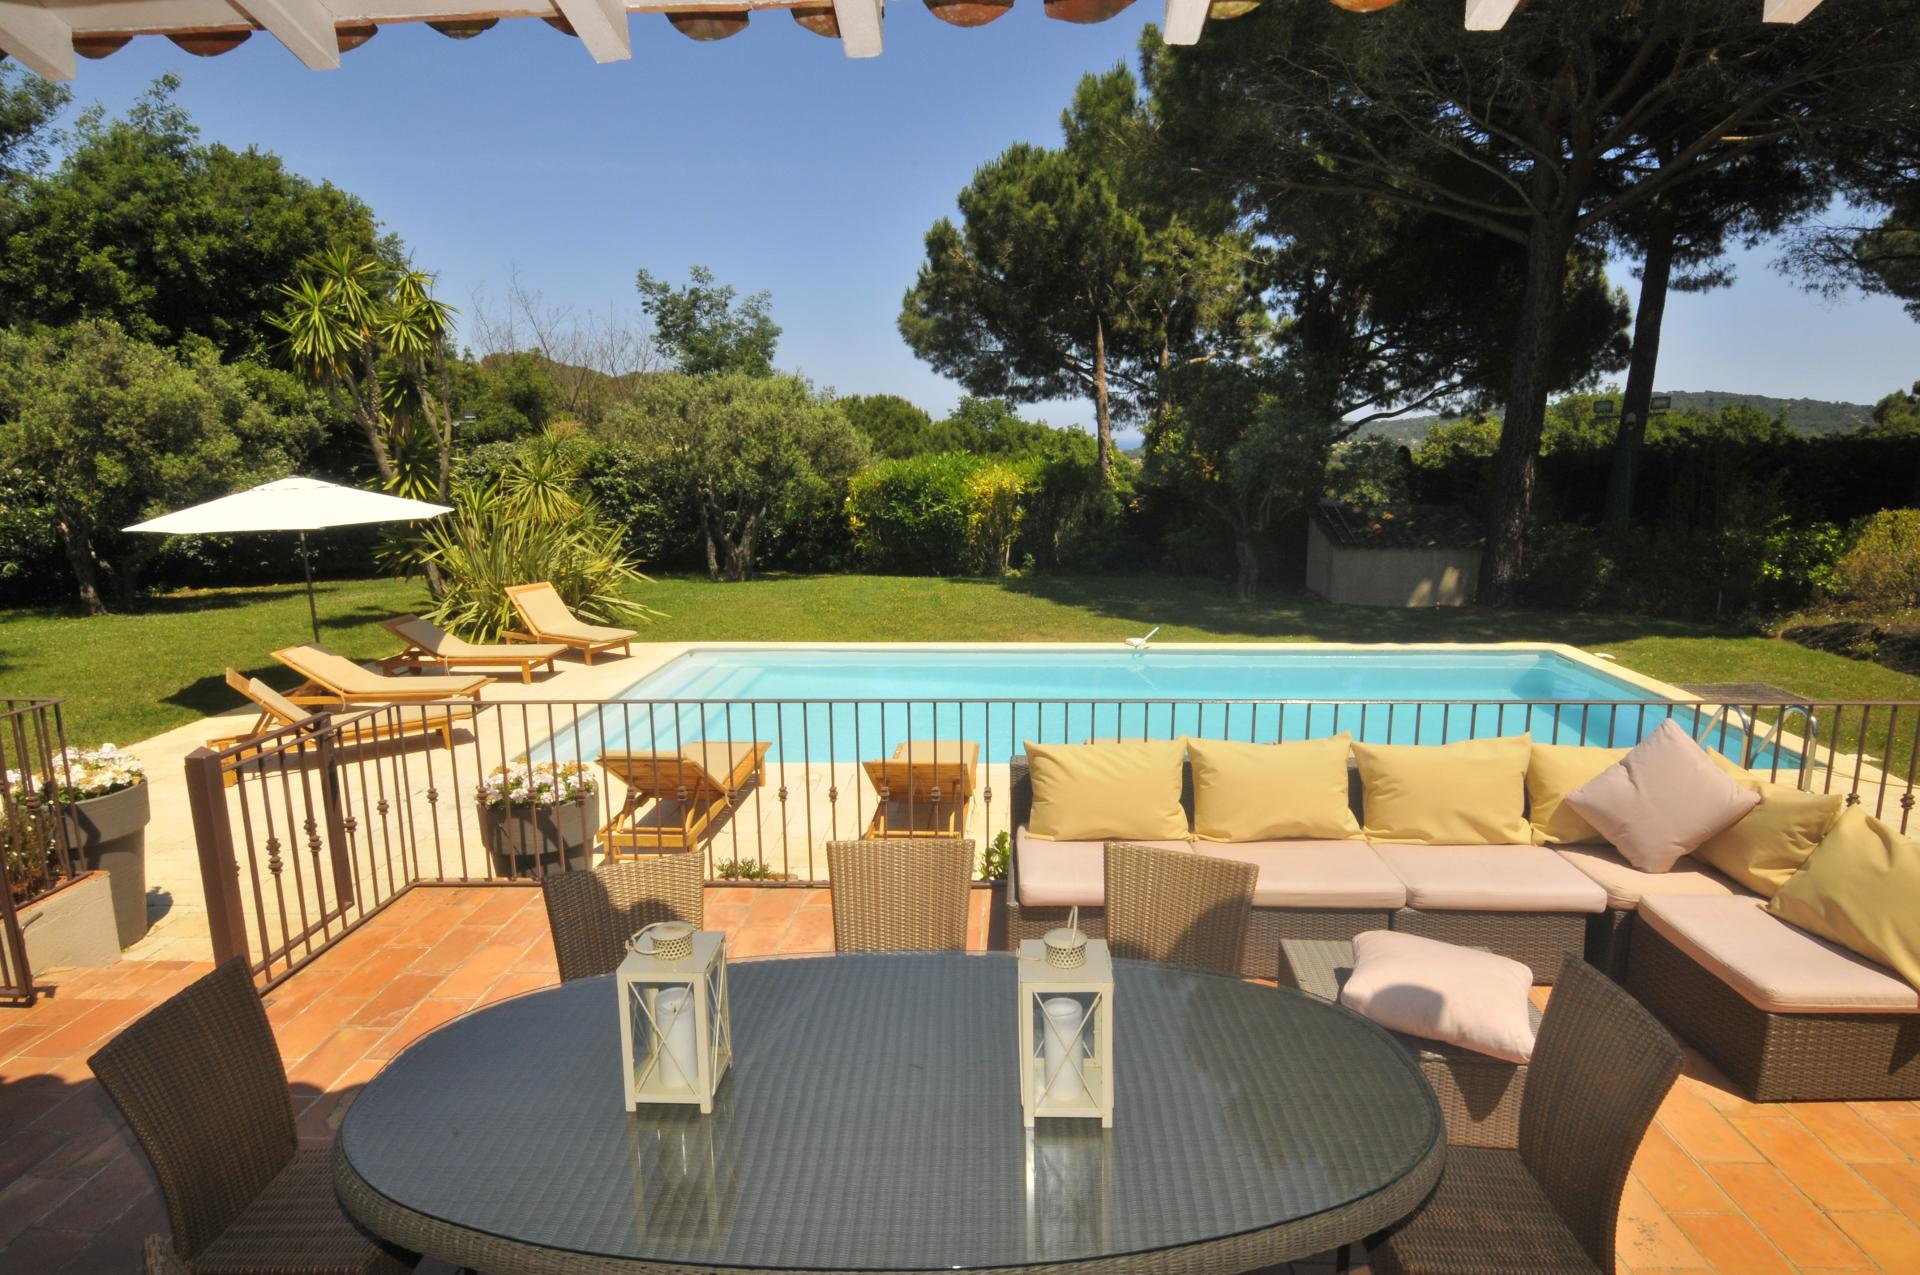 Outside Seating View, La Maison Des Vignes, Ramatuelle, St Tropez Var.